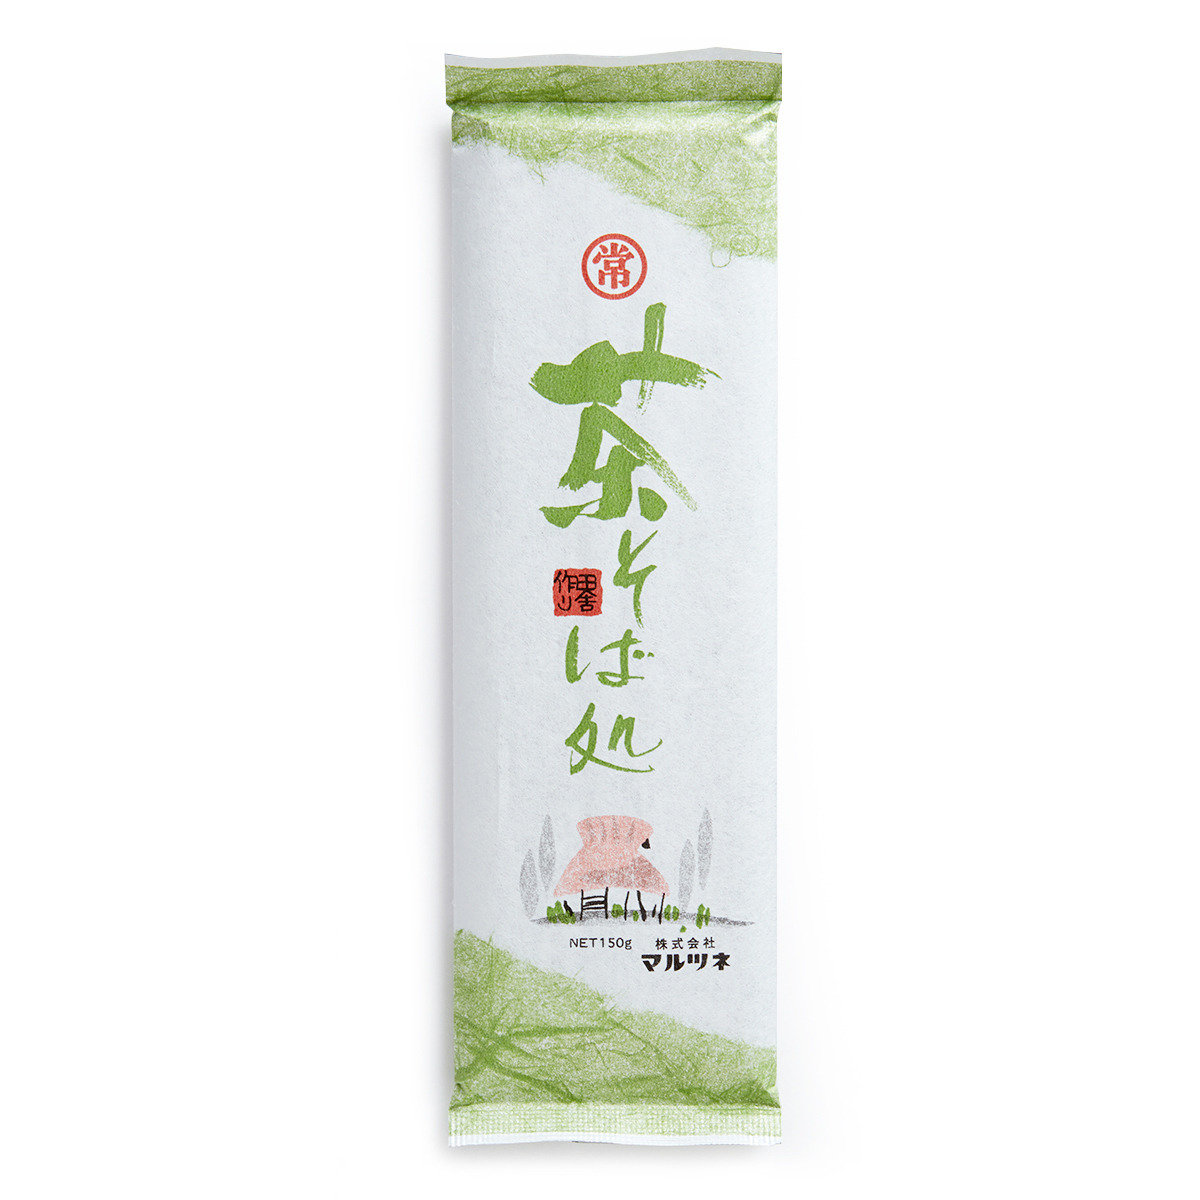 日本抹茶入蒿麥麵